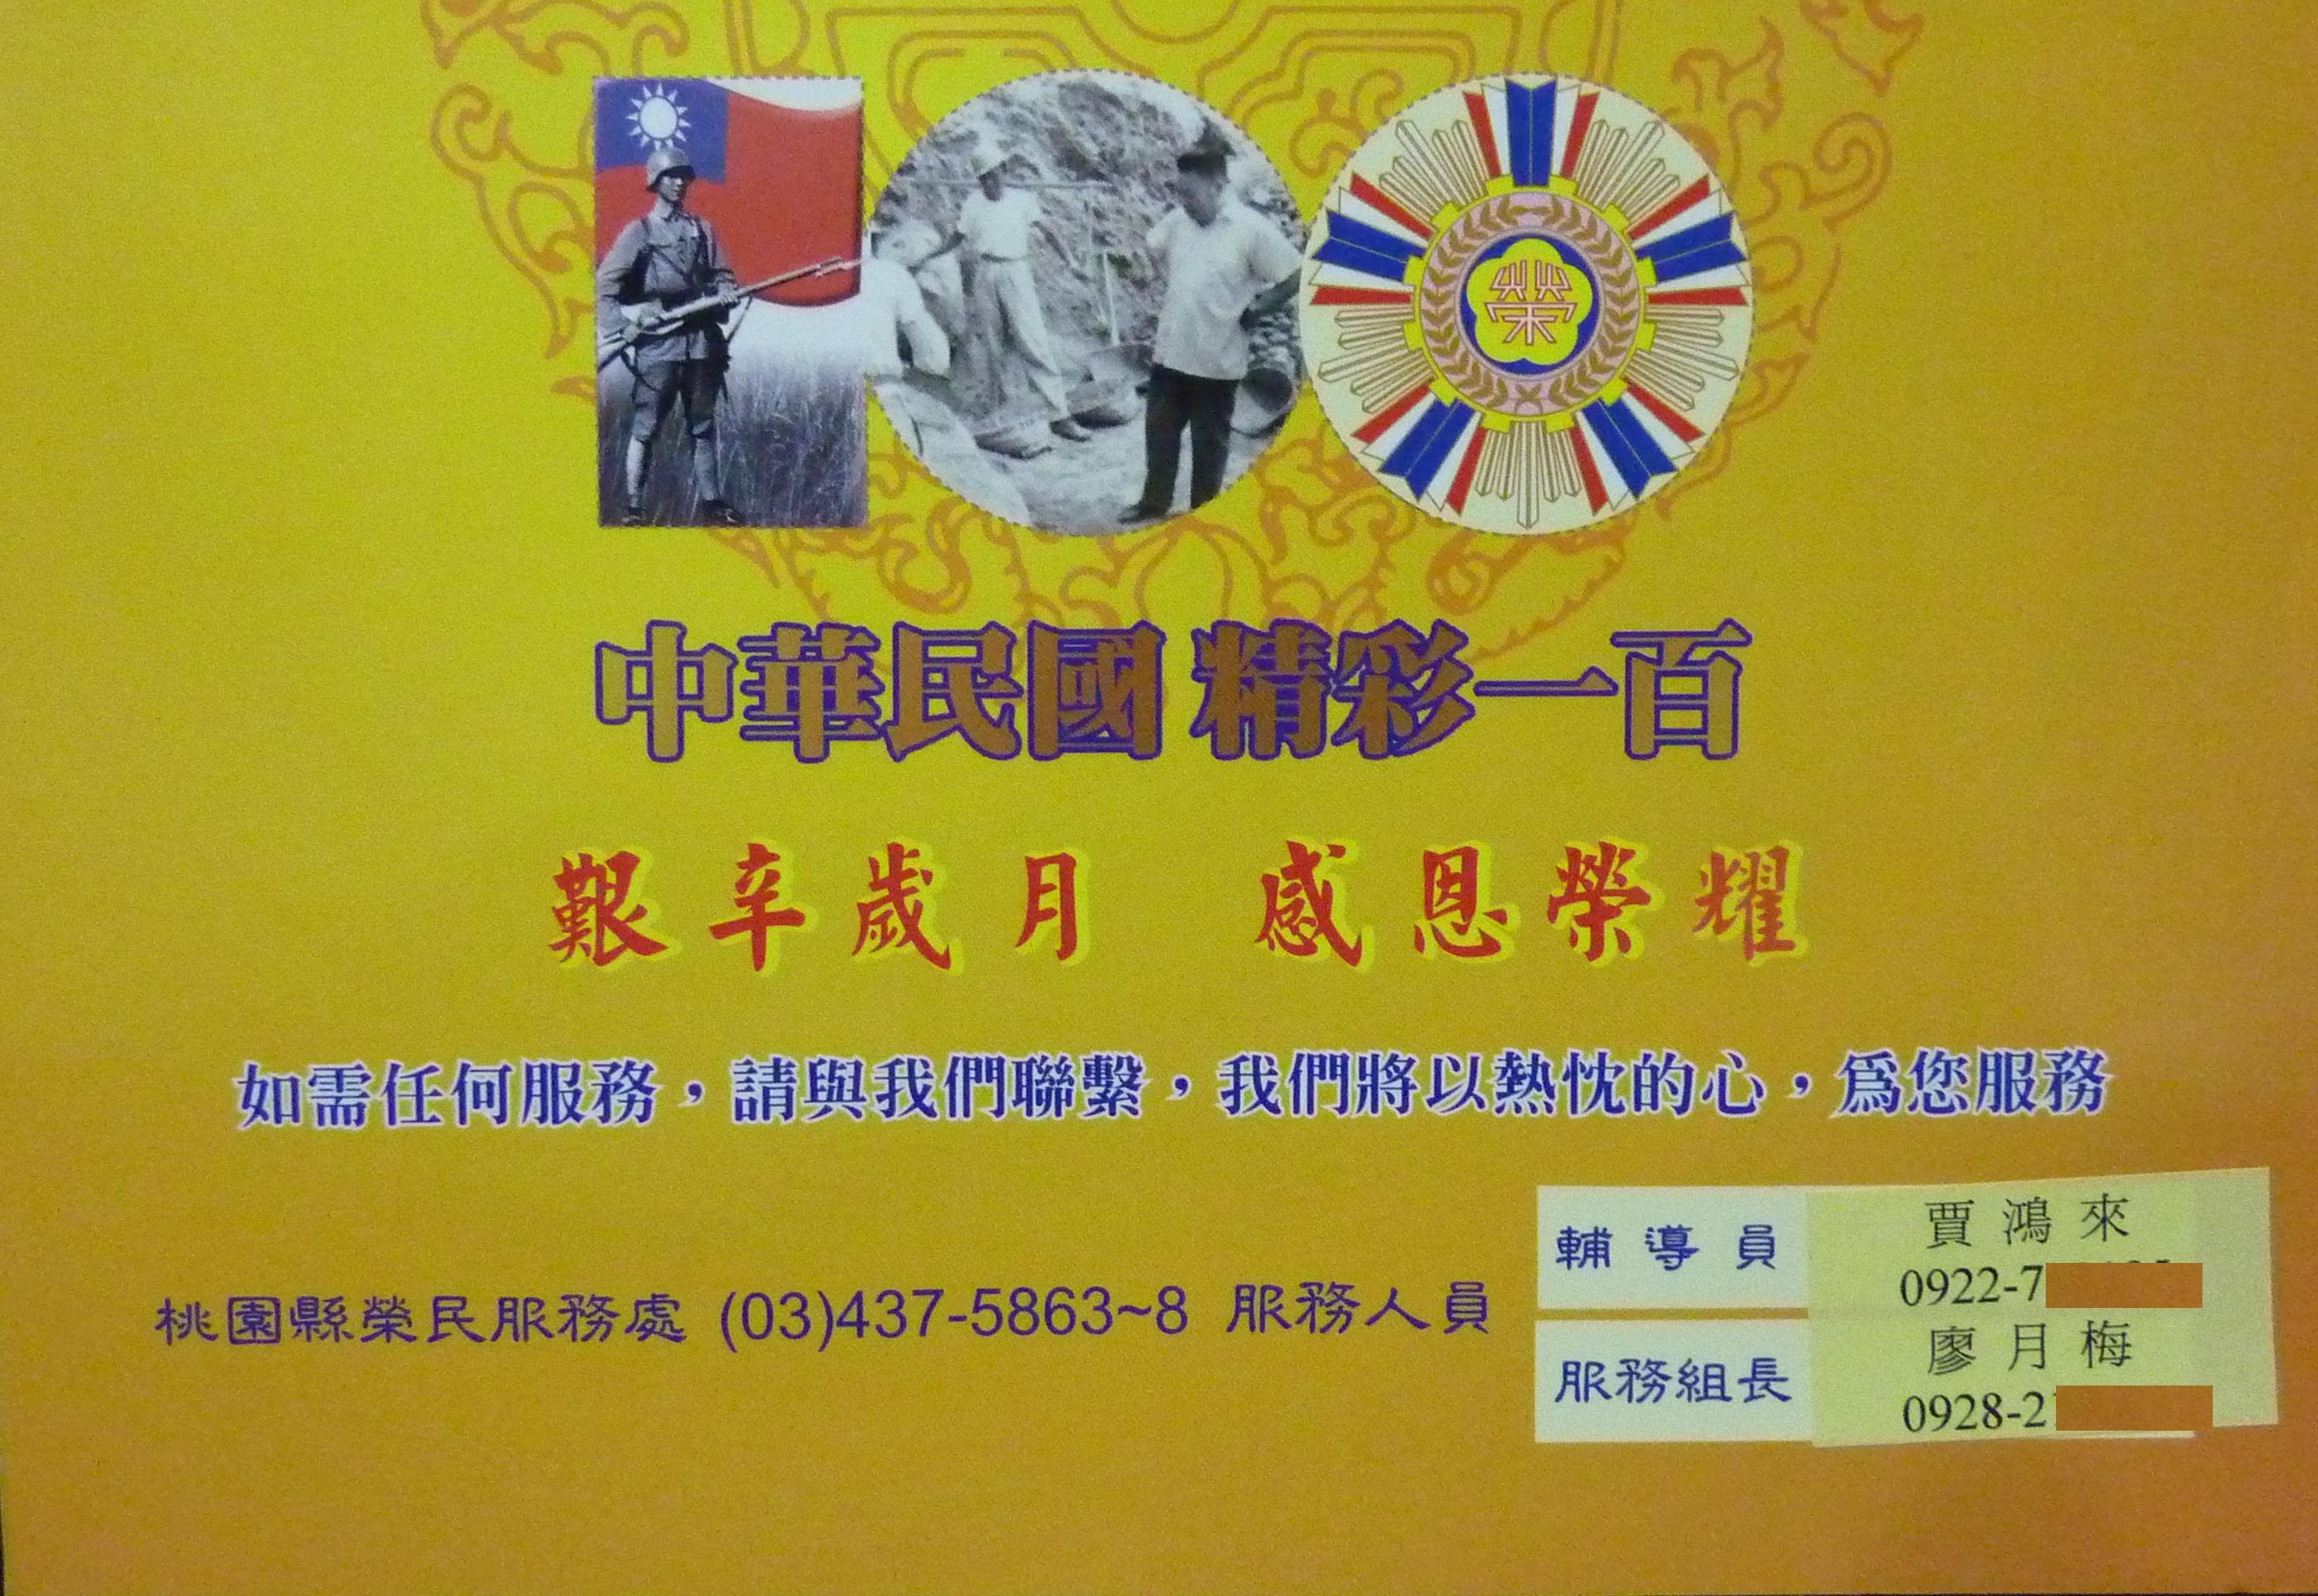 榮民卡-2.jpg